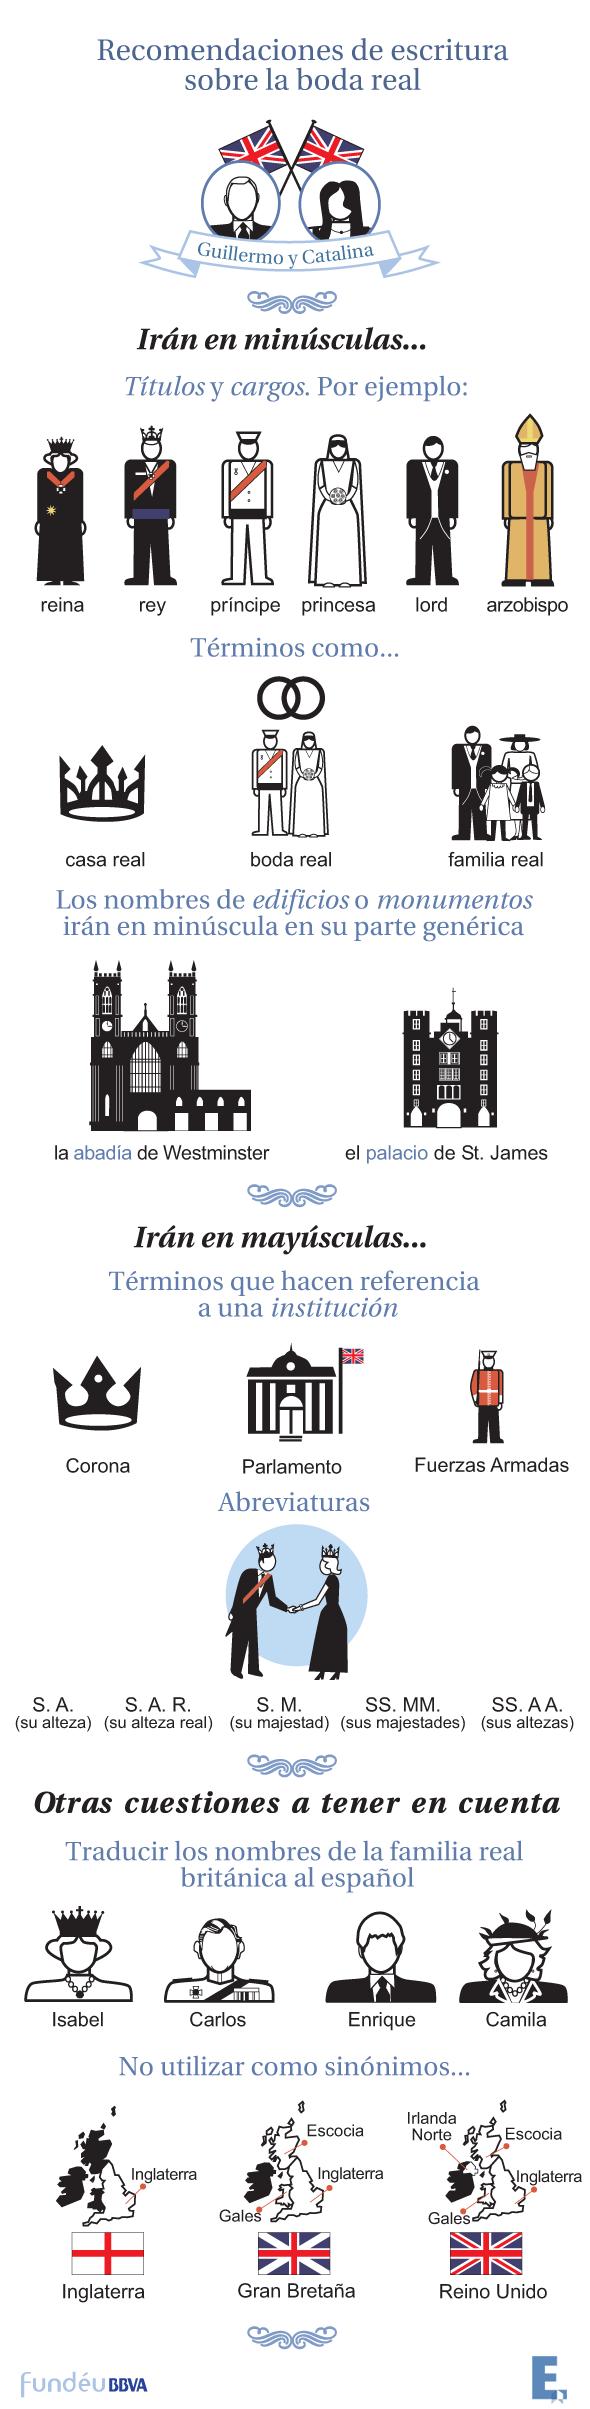 Infografía e imágenes sobre términos relacionados con la boda real en Londres